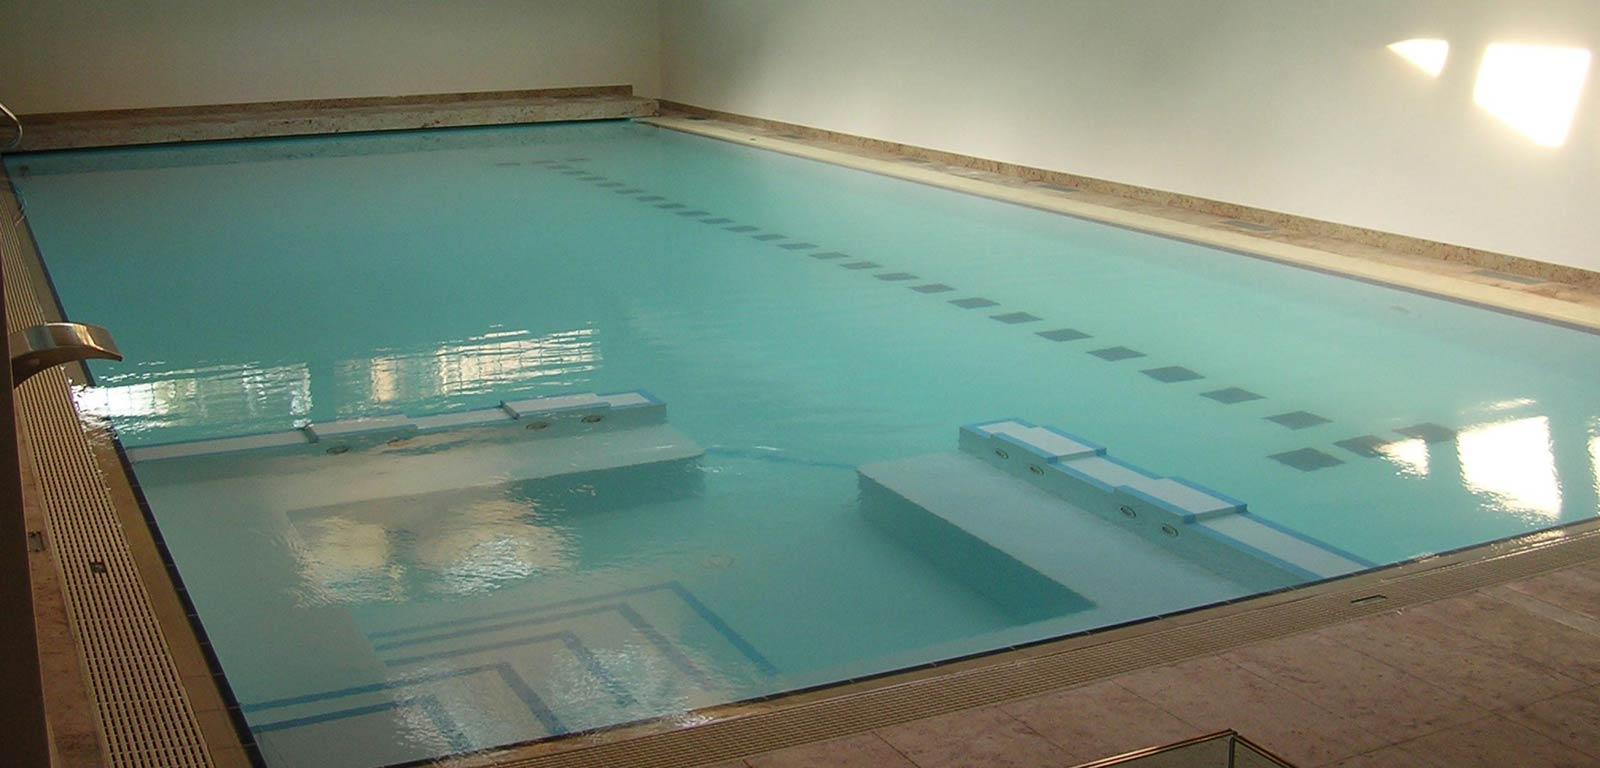 Piscine da interno sport e relax piscine castiglione - Piscine per casa ...